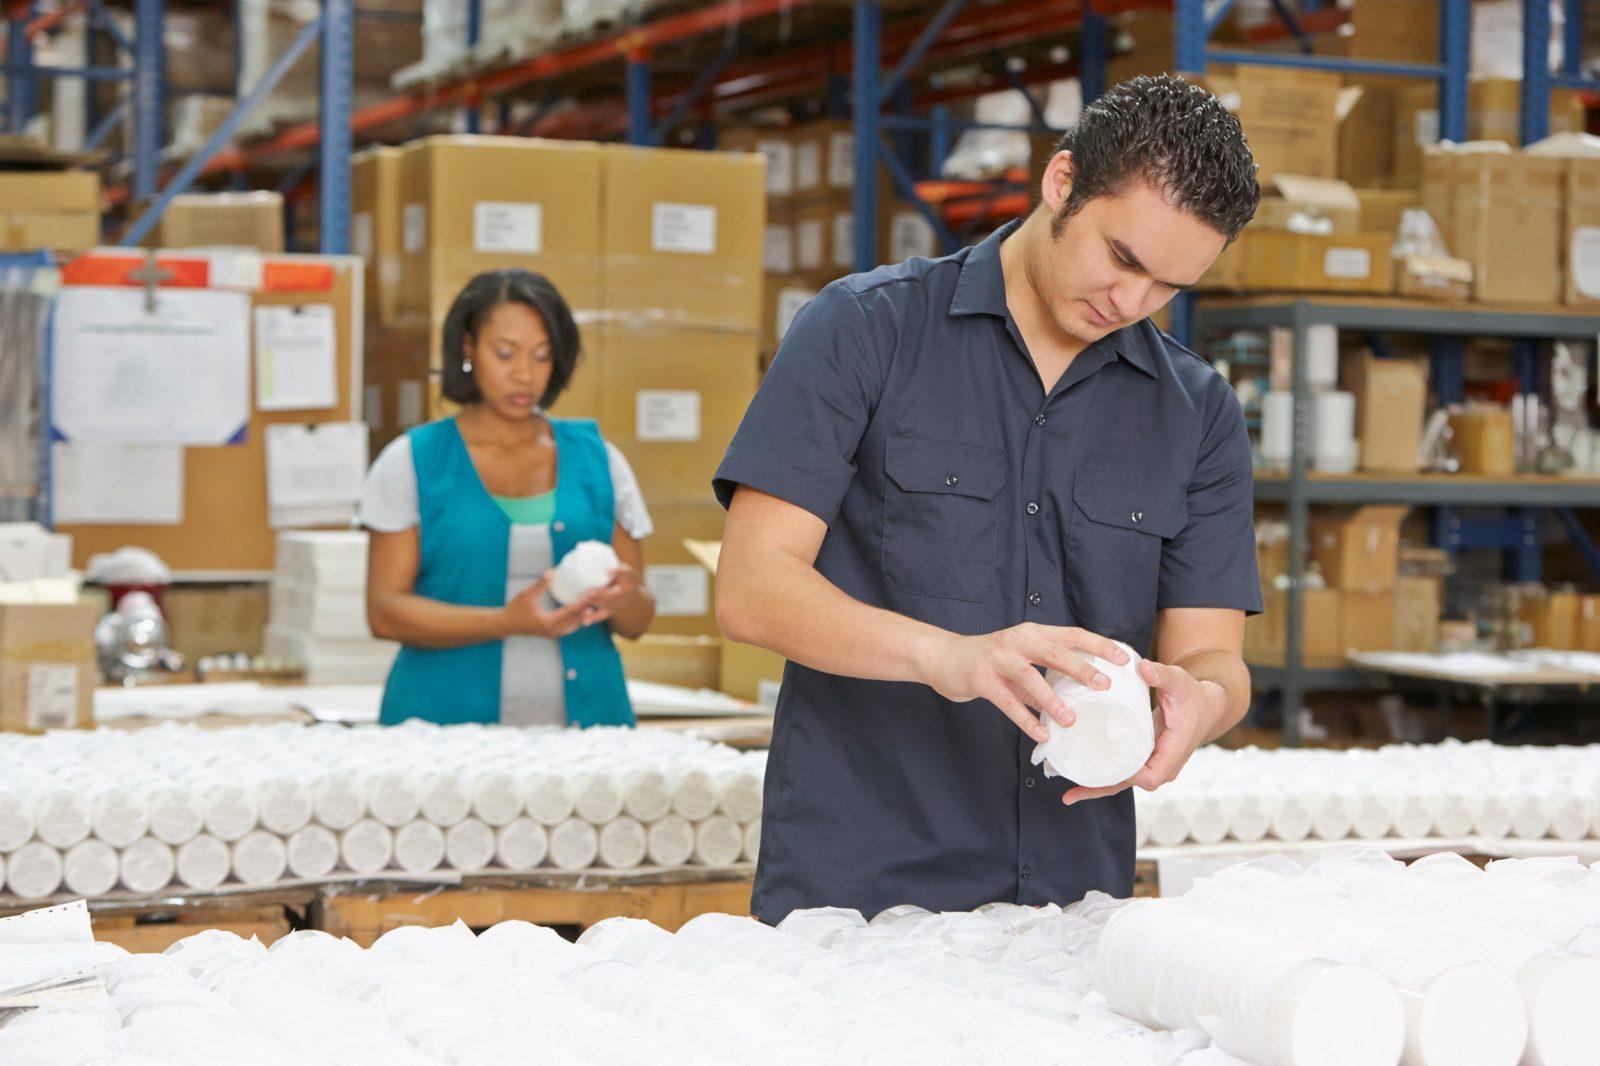 La CNESST veut connaître vos bons coups en santé et sécurité du travail